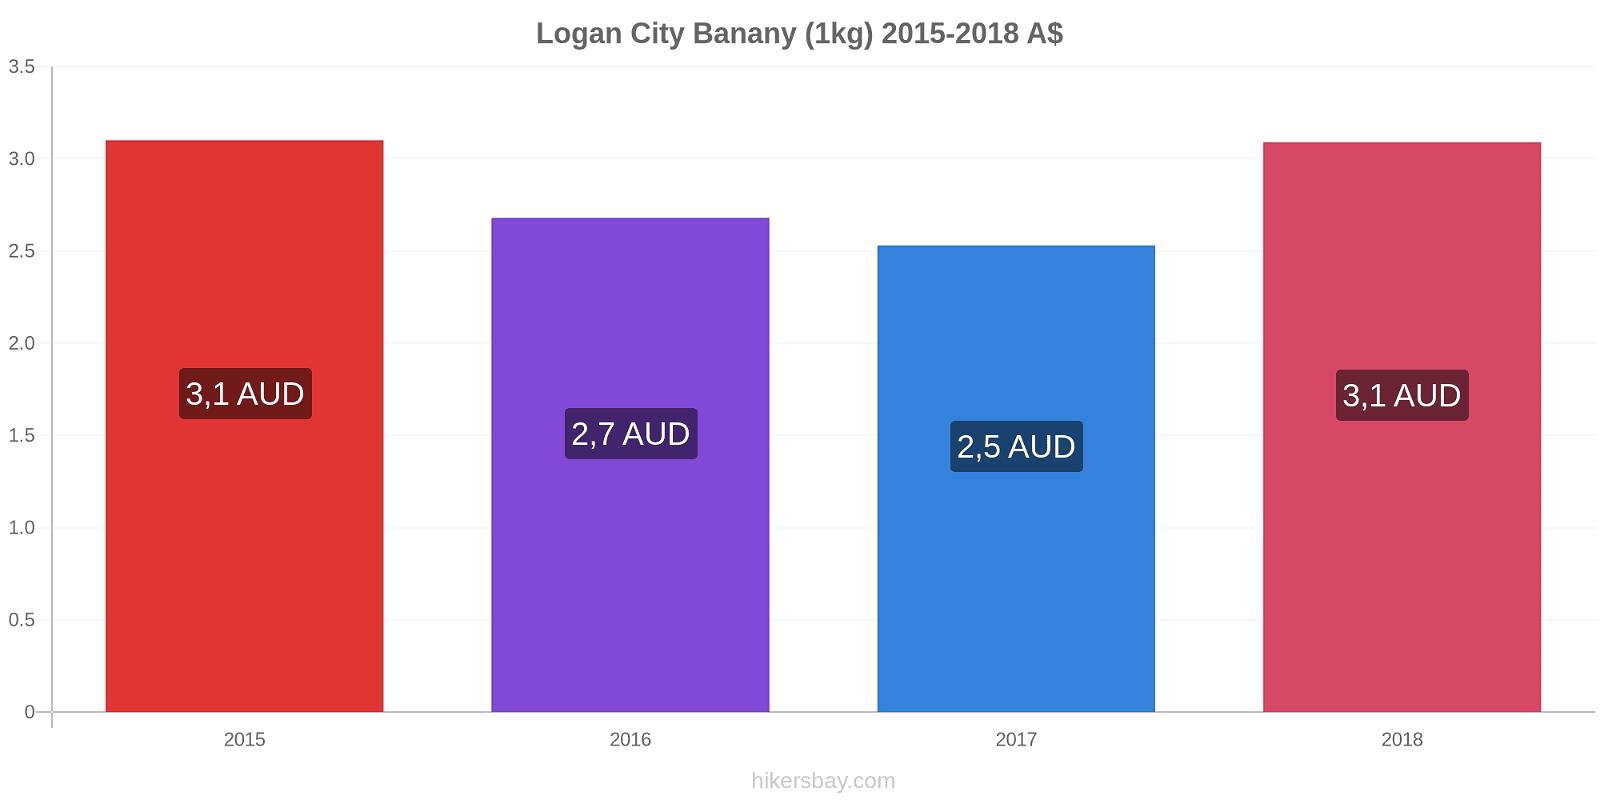 Logan City zmiany cen Banany (1kg) hikersbay.com